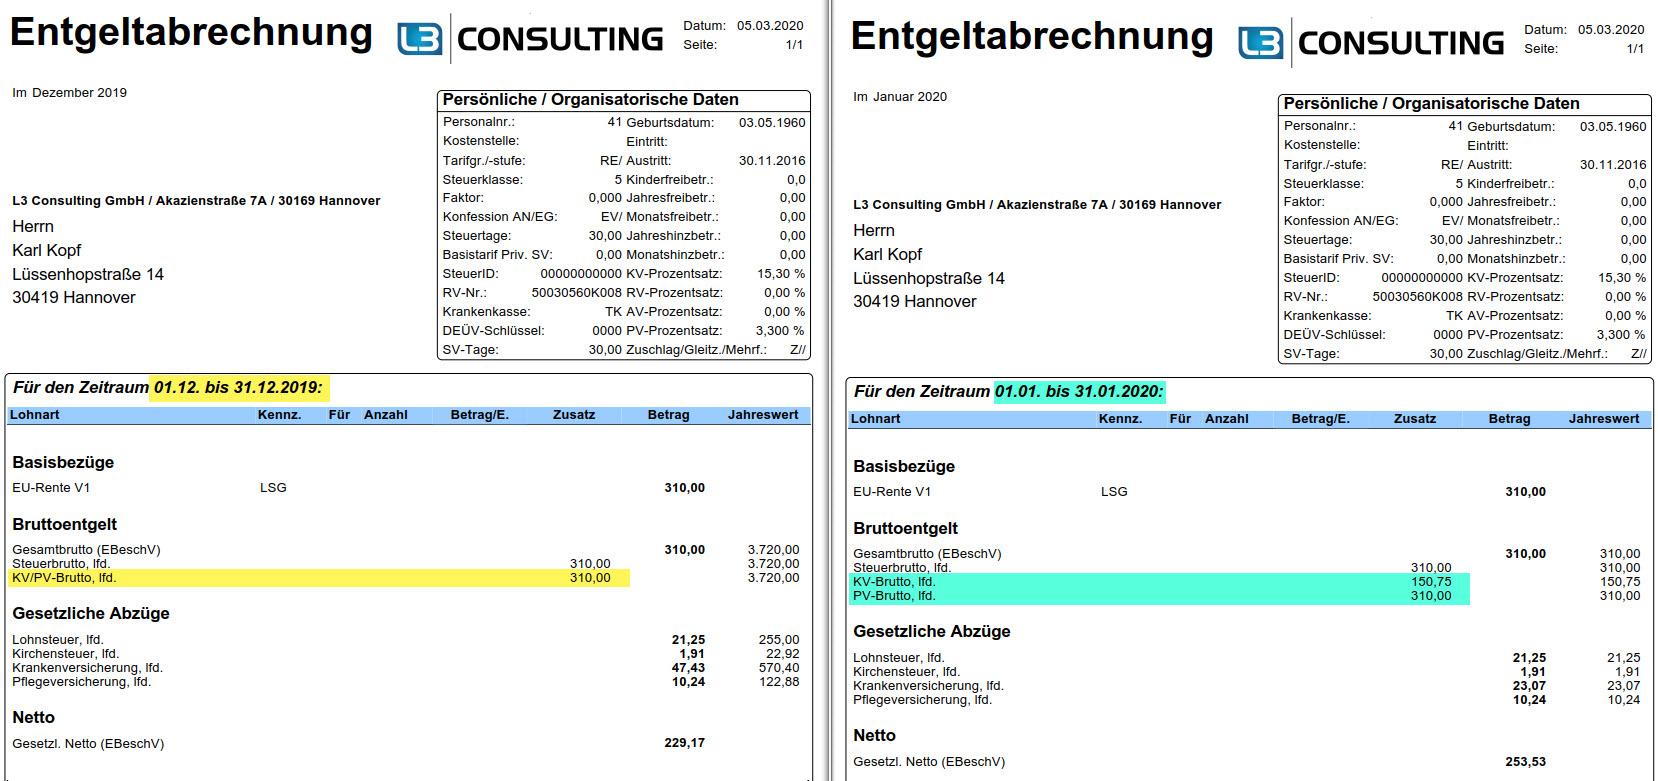 GKV-Betriebsrenten-Freibetrag für Einfachbezieher im SAP ...